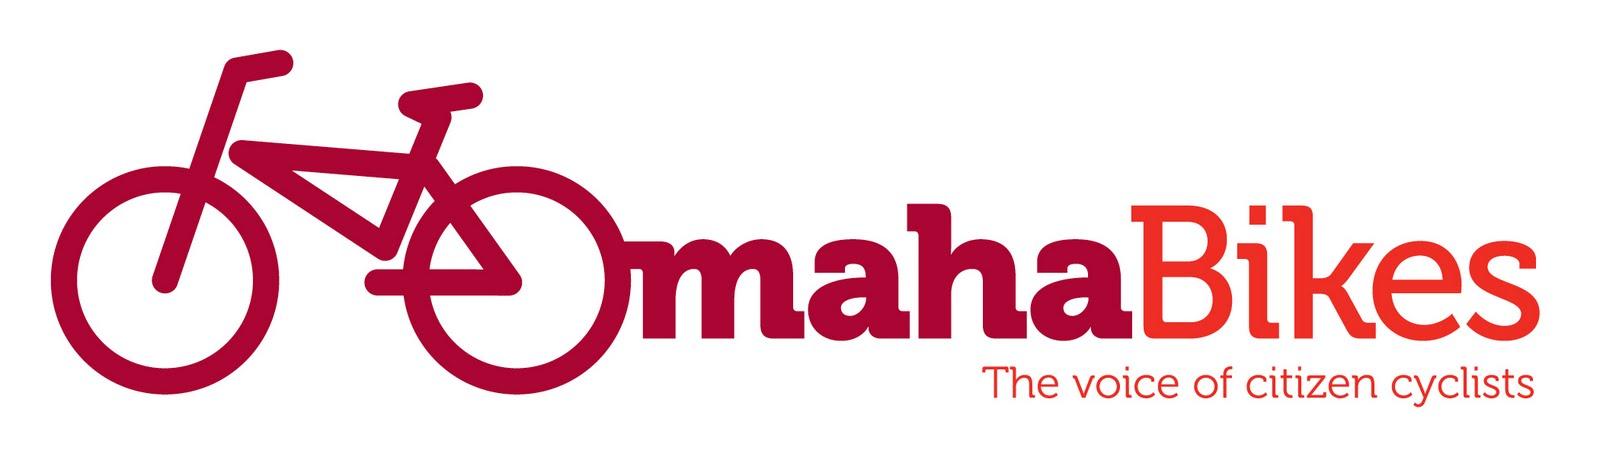 Bikes Omaha Omaha Bikes OLD